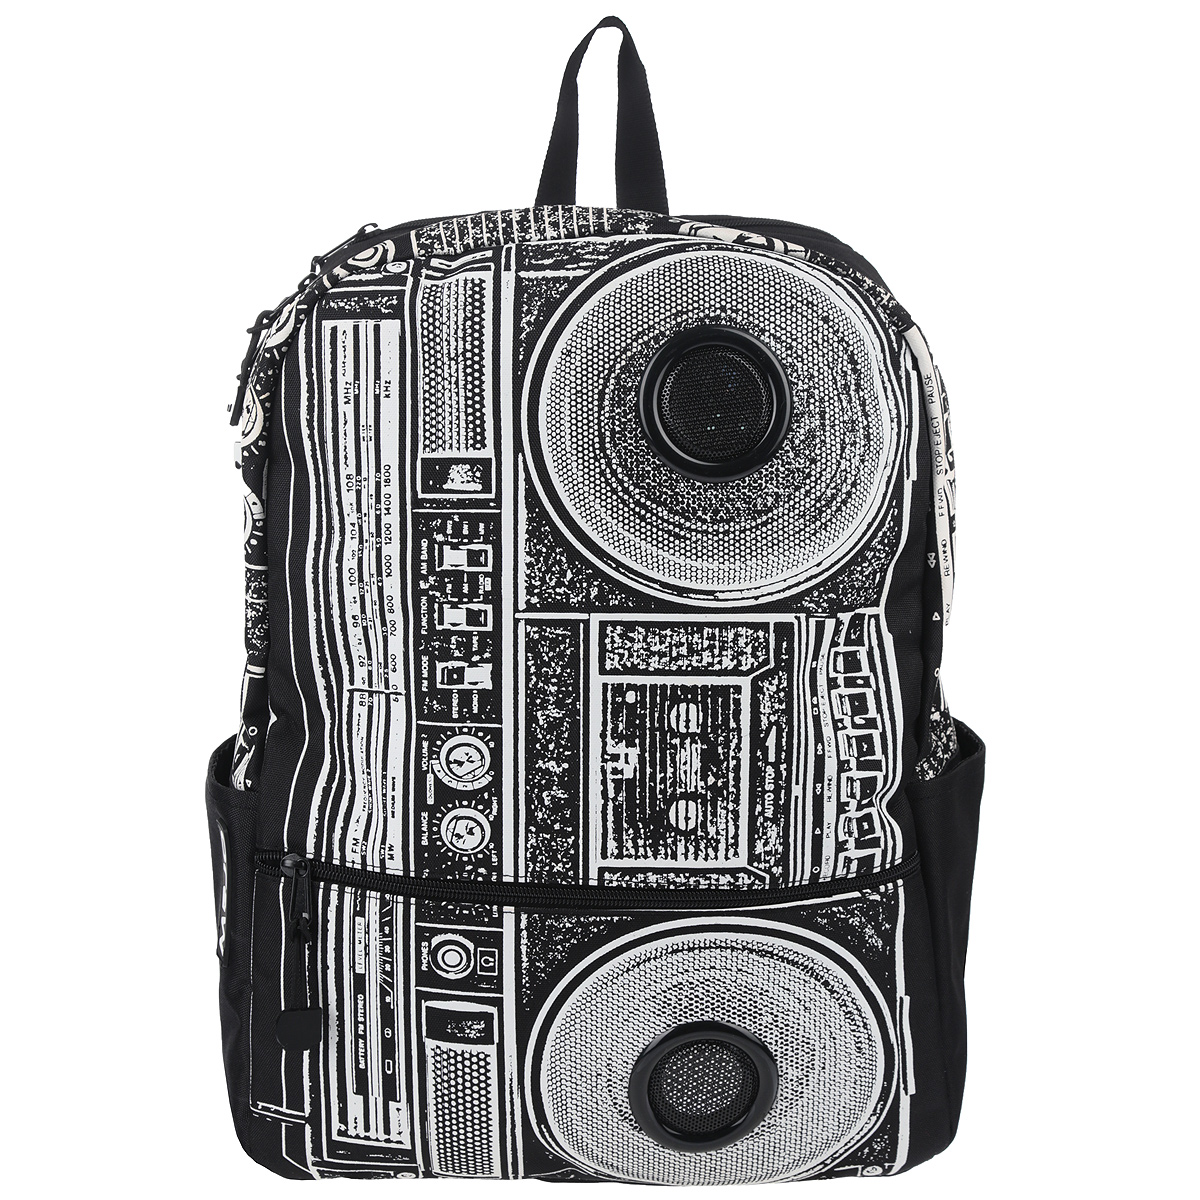 Рюкзак Mojo Pax Boombox, с динамиками, цвет: черный, белый. KZ9983489KZ9983489Стильный городской рюкзак Mojo Pax Boombox выполнен из плотного полиэстера, материал изделия устойчив к воздействию влаги и солнца, оформлен принтом с изображением Boombox и дополнен динамиками.Рюкзак выполнен из плотного полиэстера, материал изделия устойчив к воздействию влаги и солнца. Модель очень вместительная и функциональная: в основной отсек, закрывающийся на застежку-молнию, вместятся тетрадки, учебники и другие вещи. Также имеется специальное отделение для планшета, с мягкими стенками для защиты гаджета от повреждений. Снаружи расположено 3 кармашка: один большой карман на молнии спереди и два открытых кармашка по бокам, один из них на липучке. Рюкзак имеет уплотненную спинку и мягкие широкие лямки регулируемой длины, а также петлю для переноски в руке.Однако, Boombox - это не просто обычный рюкзак. Он снабжен стереодинамиками с усилителем. Карман на липучке сбоку предназначен для iPod/iPhone, смартфона, mp3, CD плеера, которые легко подключаются к динамикам через стандартный 3,5мм разъем. Динамики работают на батарейках, 4 батарейки типа АА 1,5 V в комплект не входят.Стильный городской рюкзак Mojo Pax Boombox подходит для тех, кто привык шокировать и выделяться из толпы. Идеальный вариант для школьников и студентов.